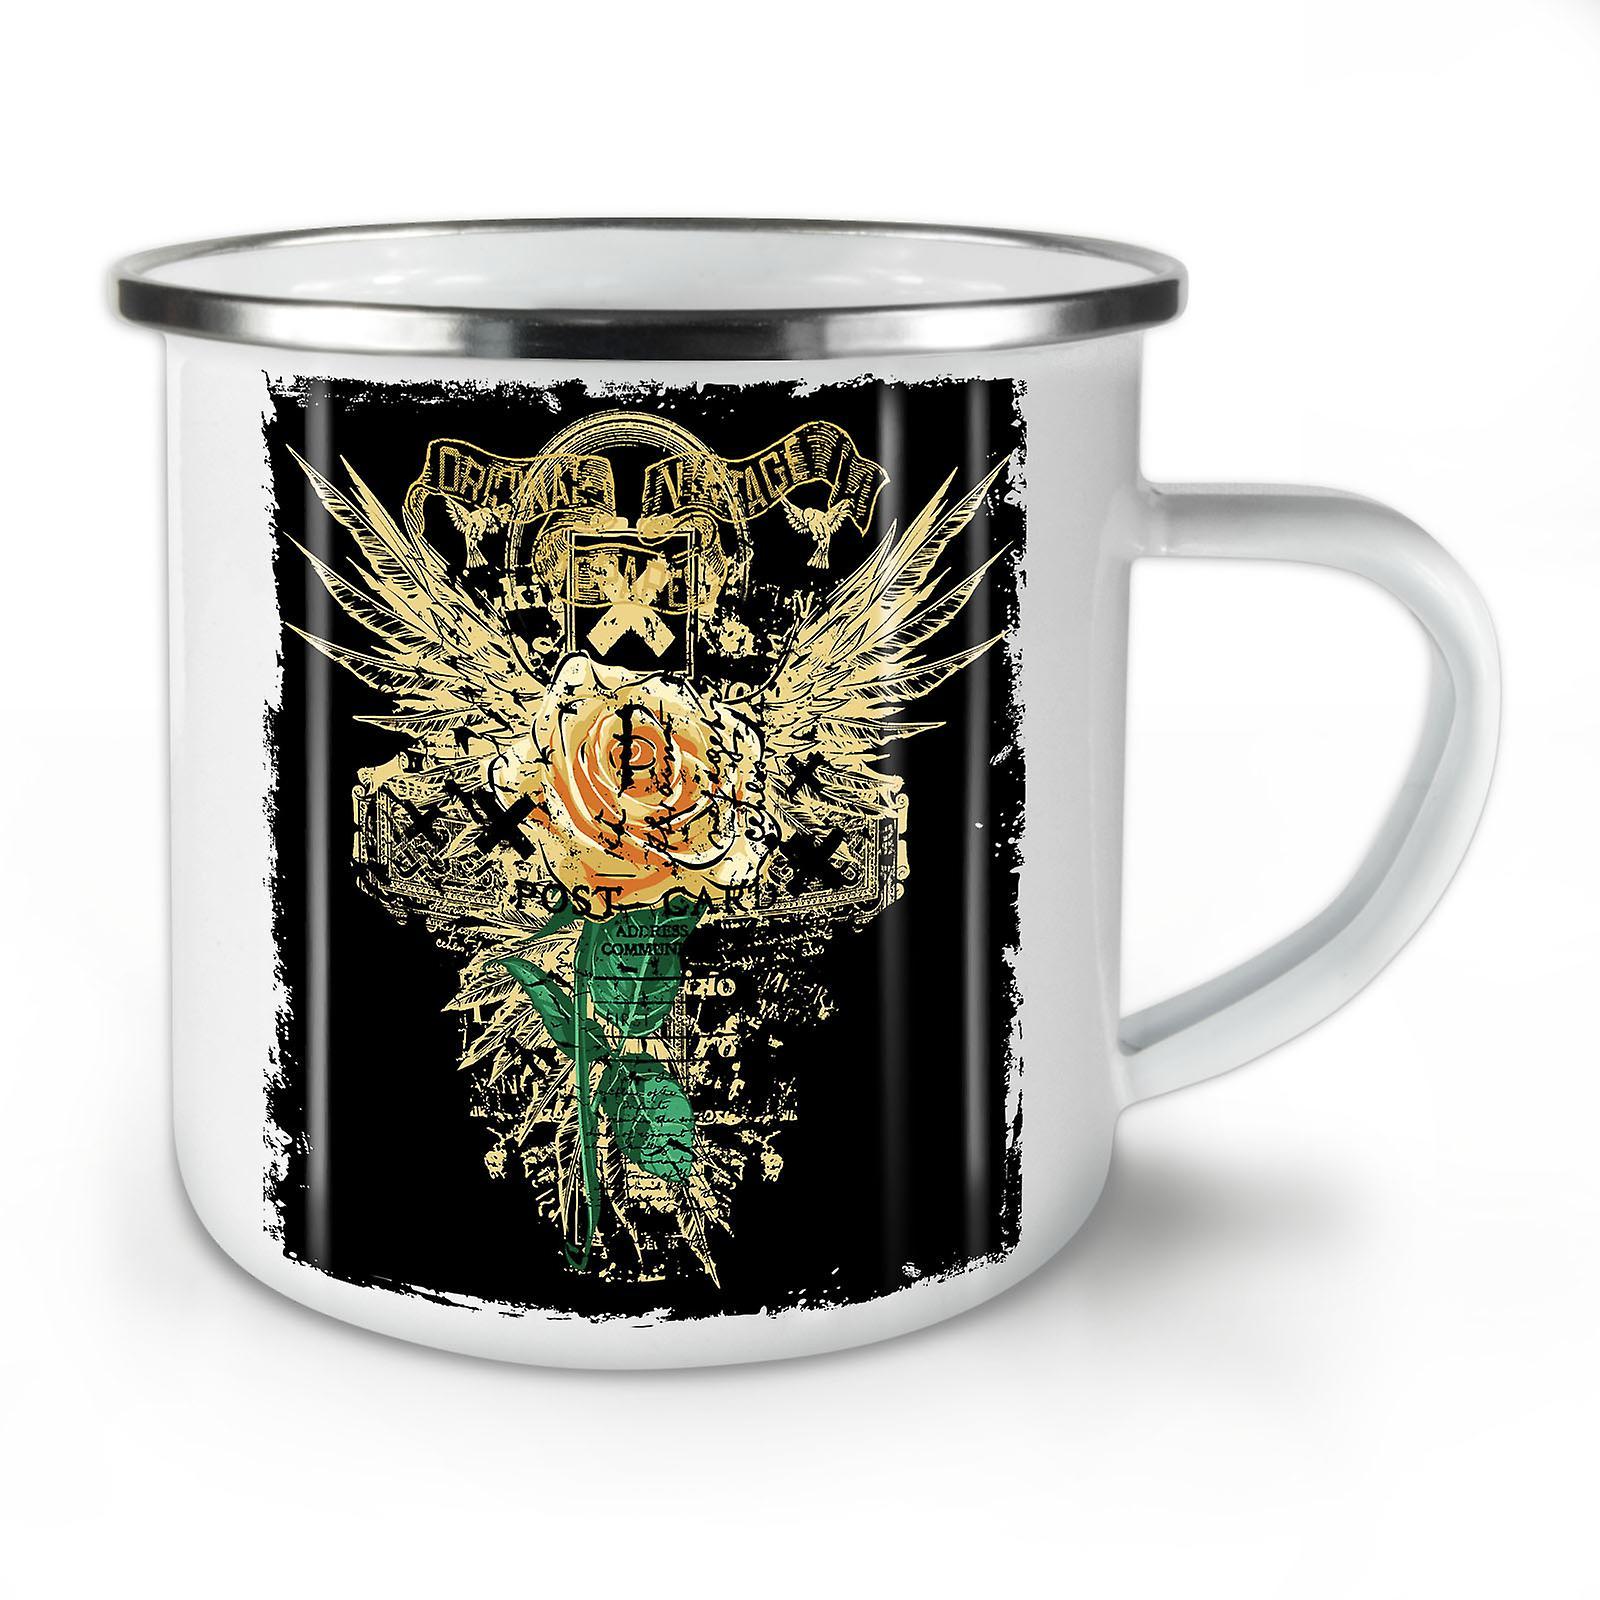 Unique Vintage Fashion Enamel Whitetea Mug10 Coffee OzWellcoda New QCsxrdht